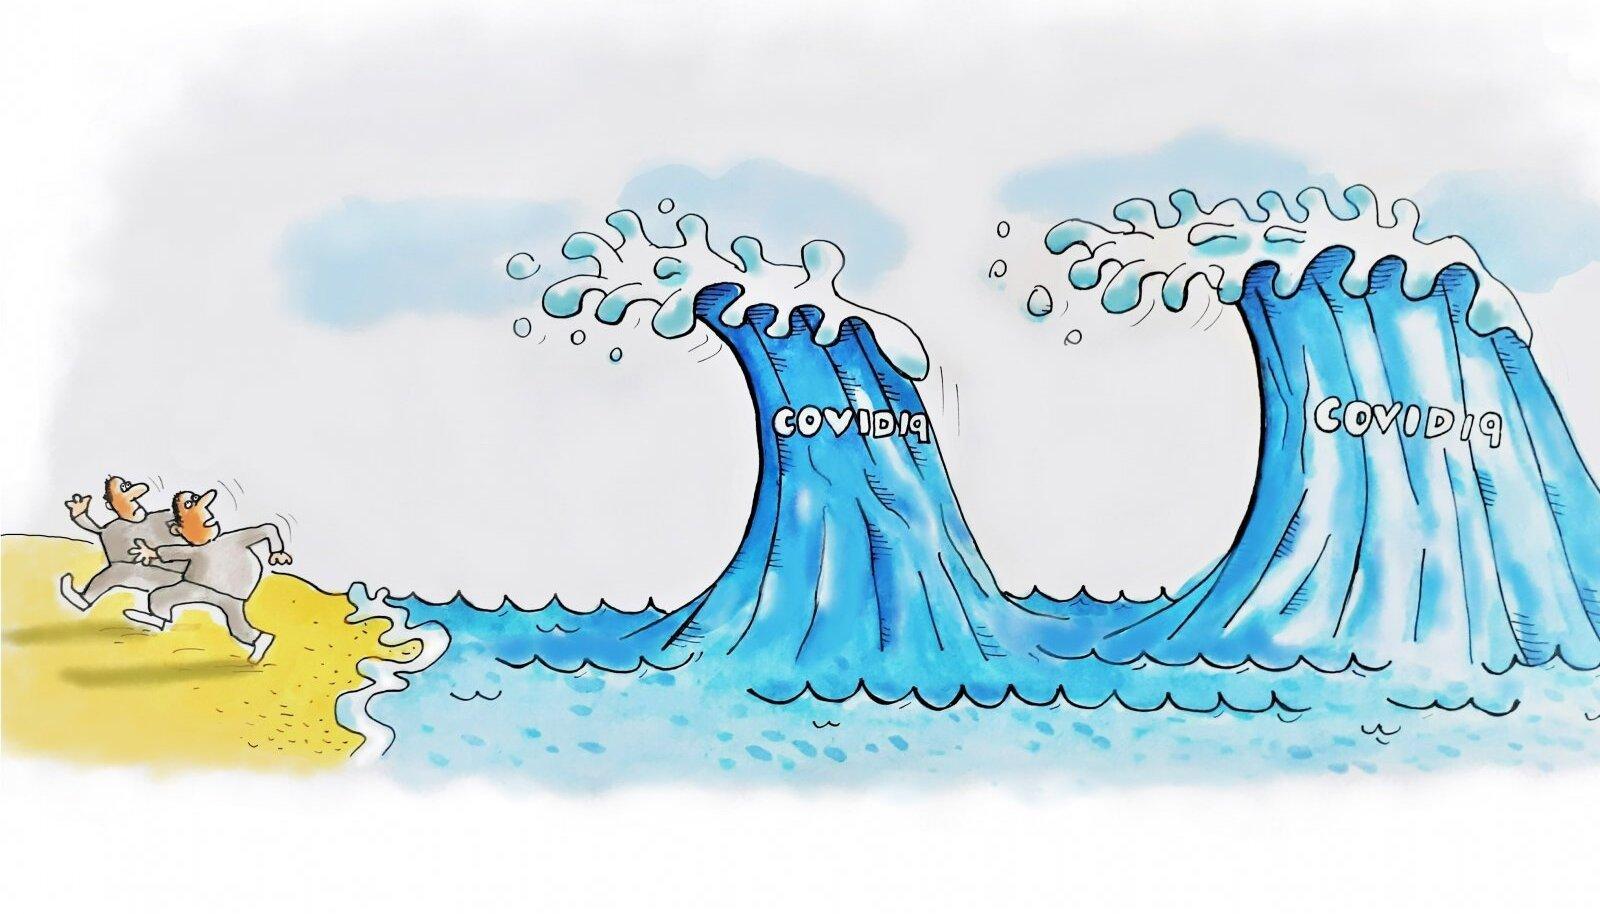 Kardetud taifuuni asemel jõudsid olümpiale koroonalained